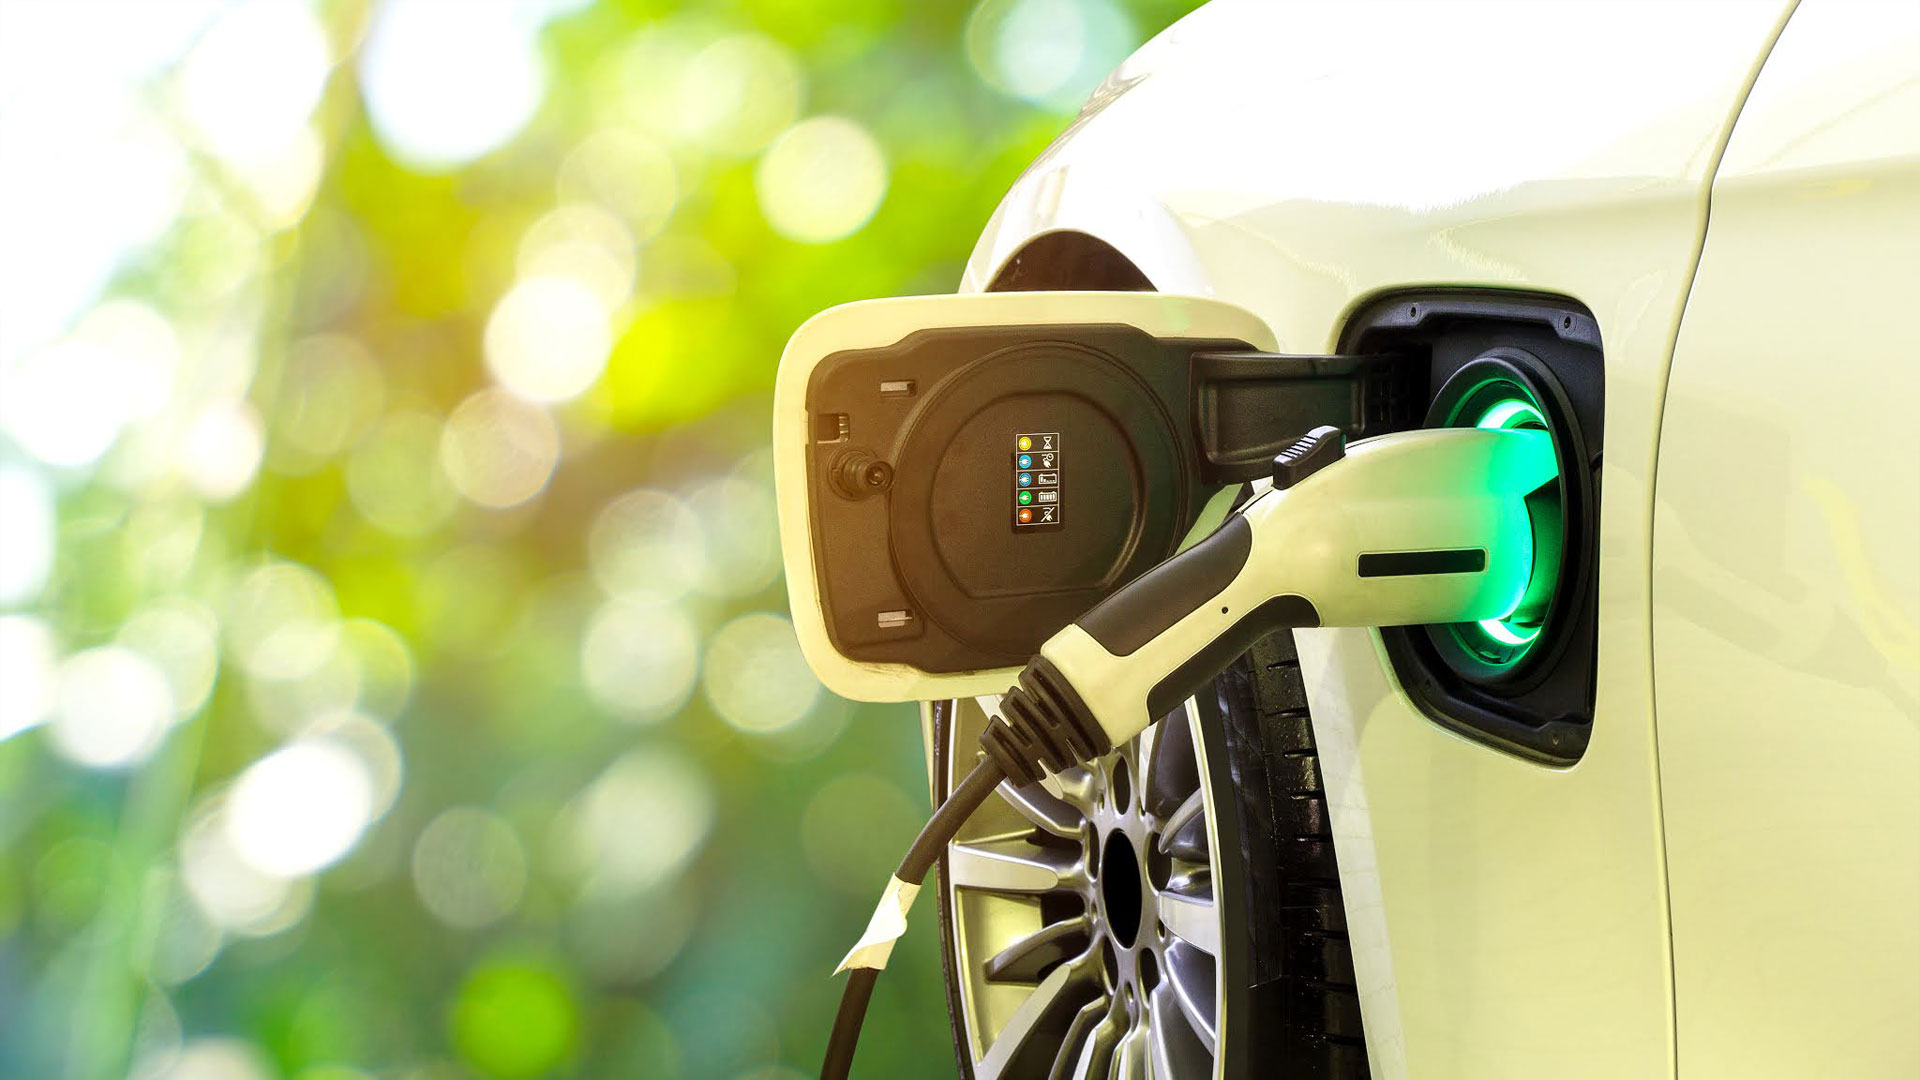 Ibrido ed elettrico alla prova del digital: un'occasione irripetibile per i brand automotive